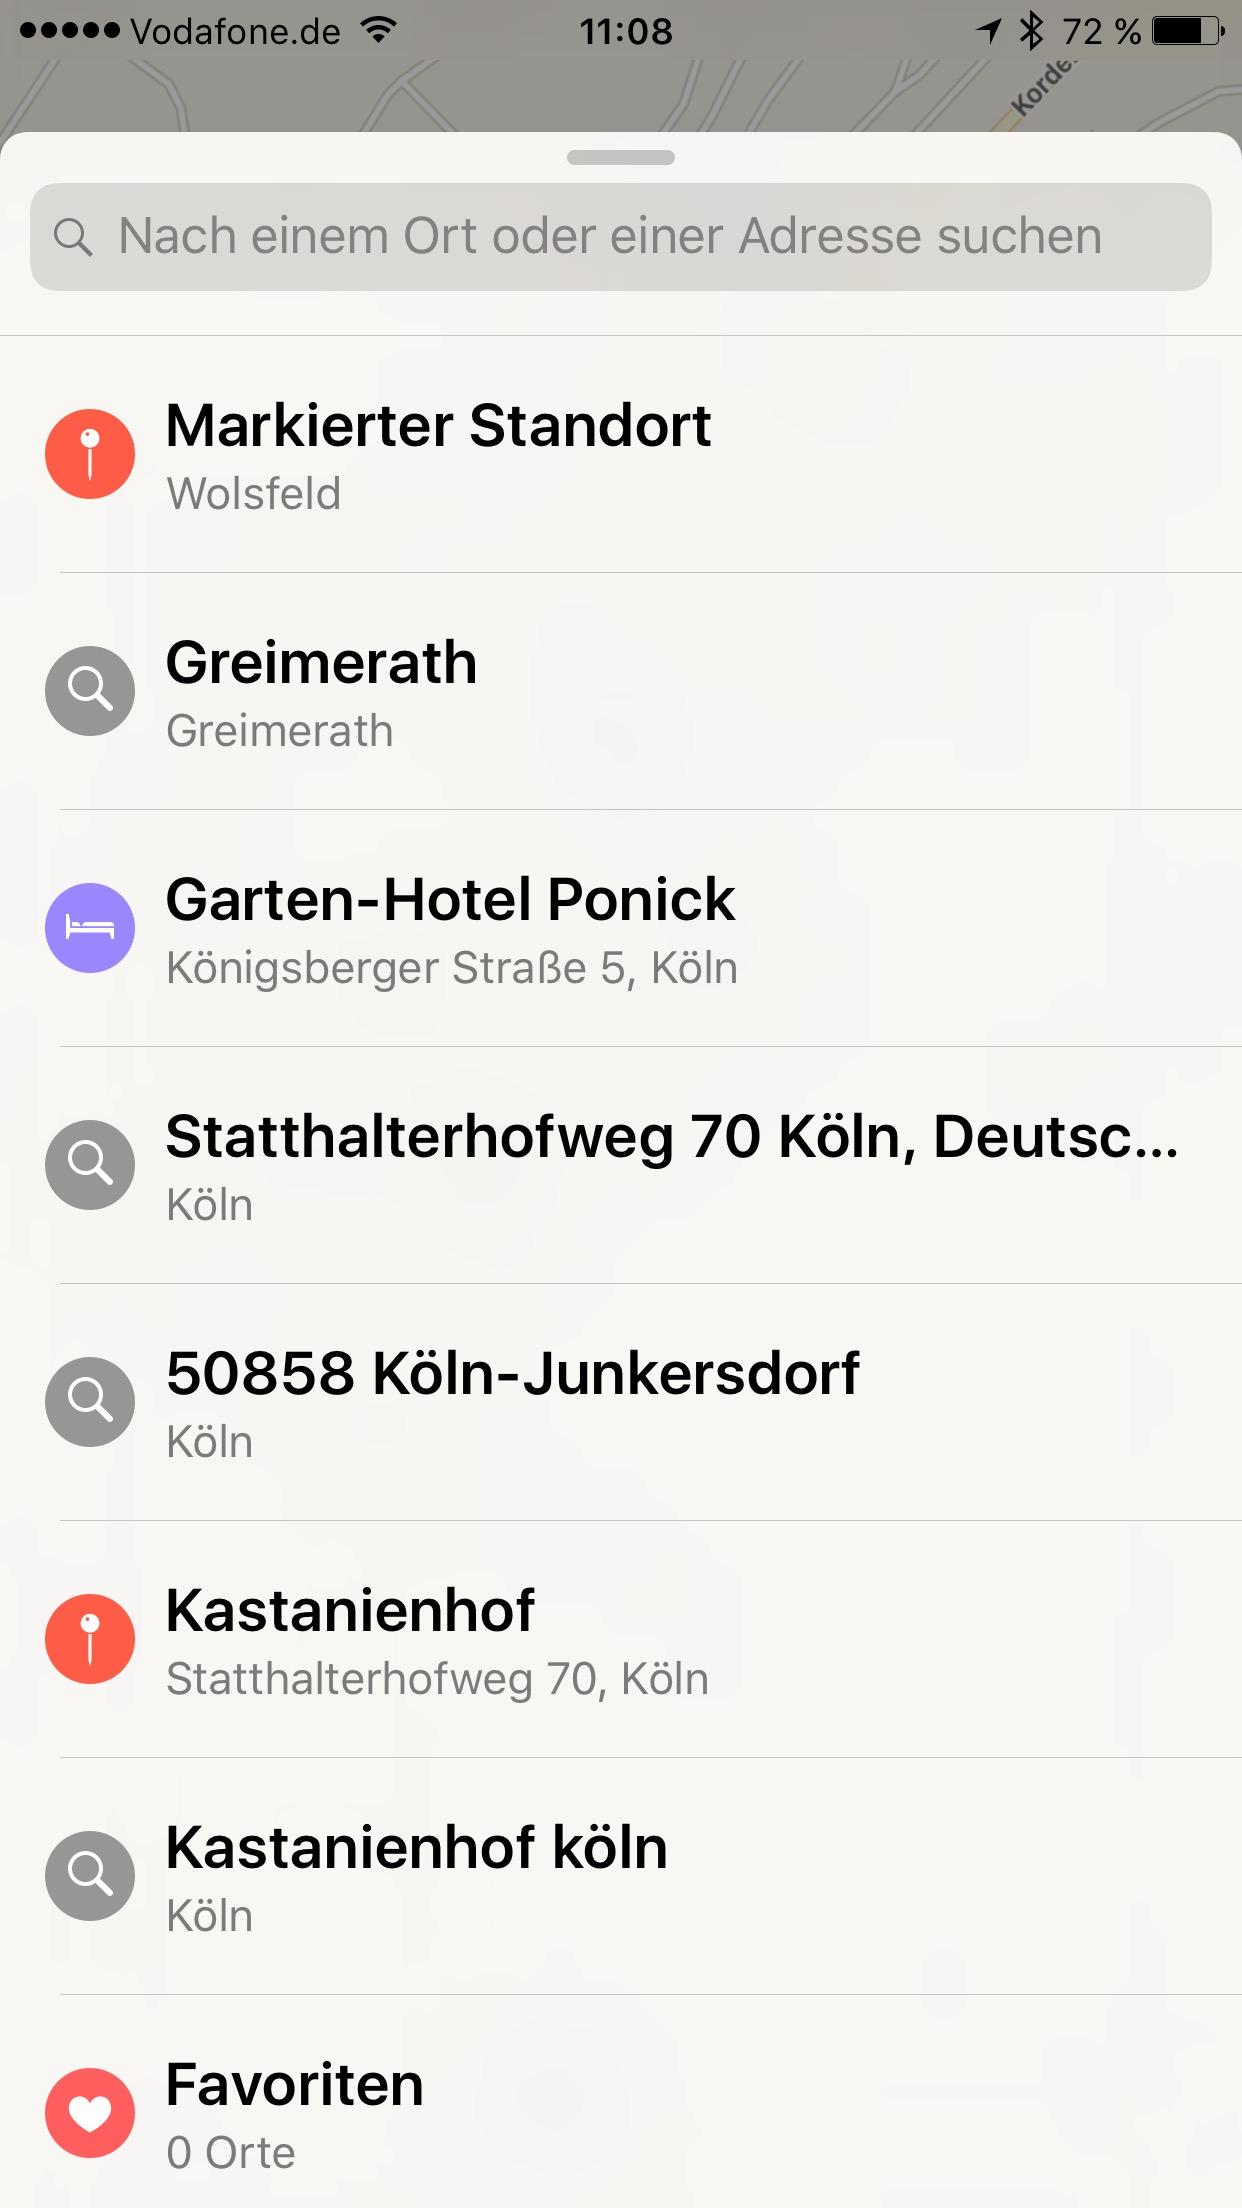 Iphone 6s Plus orten app - Mit hotspot handy hacken